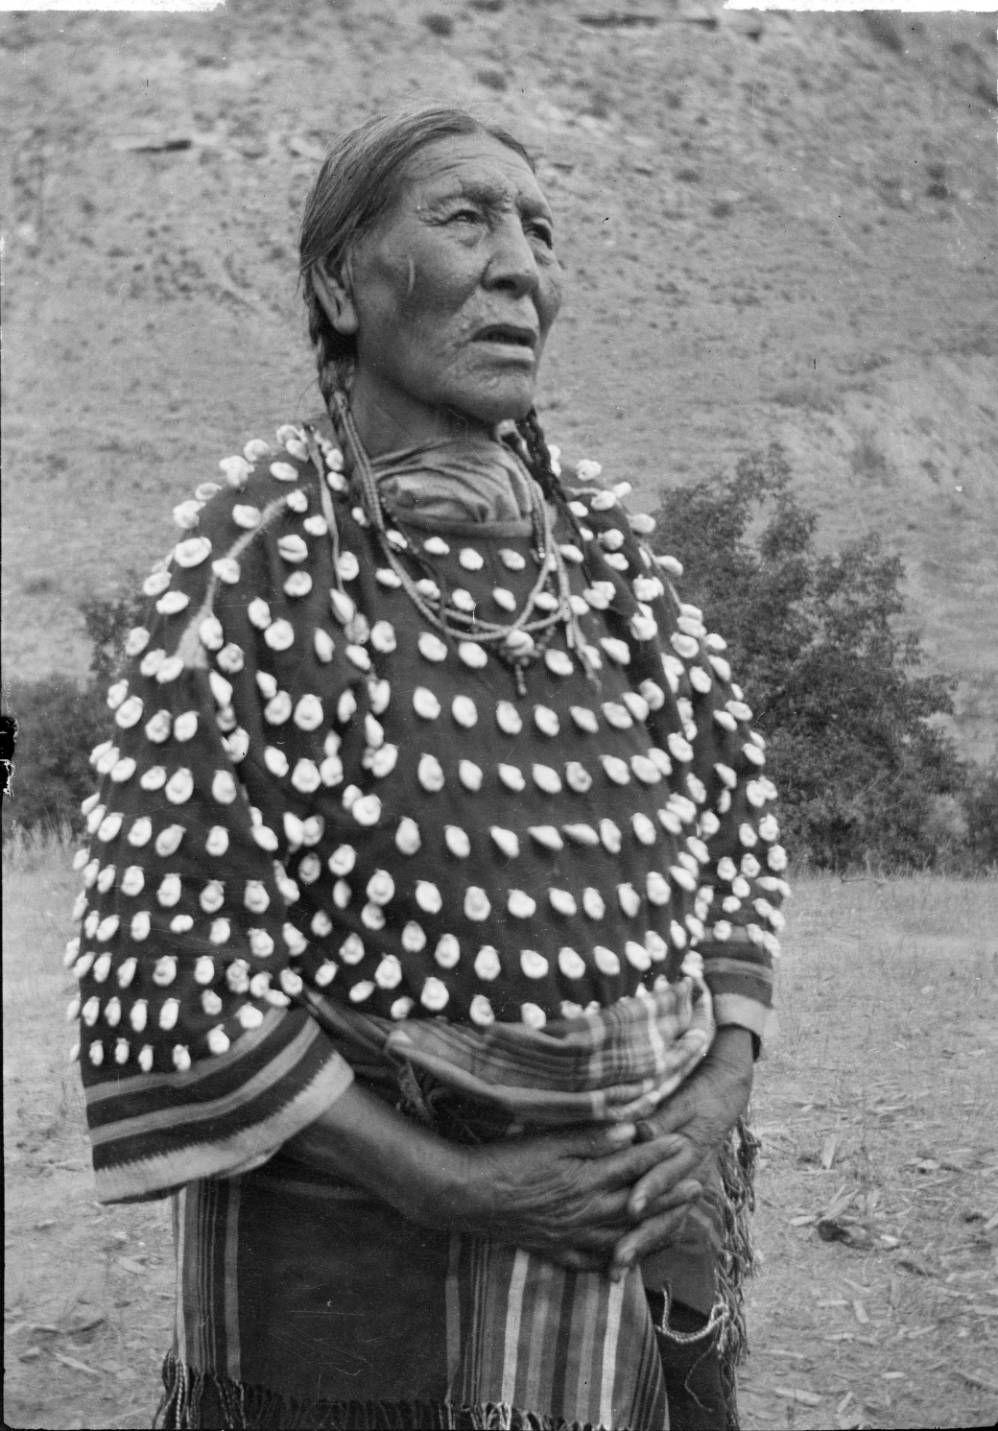 Elder Cheyenne woman standing in a field wearing a cowrie shell dress.